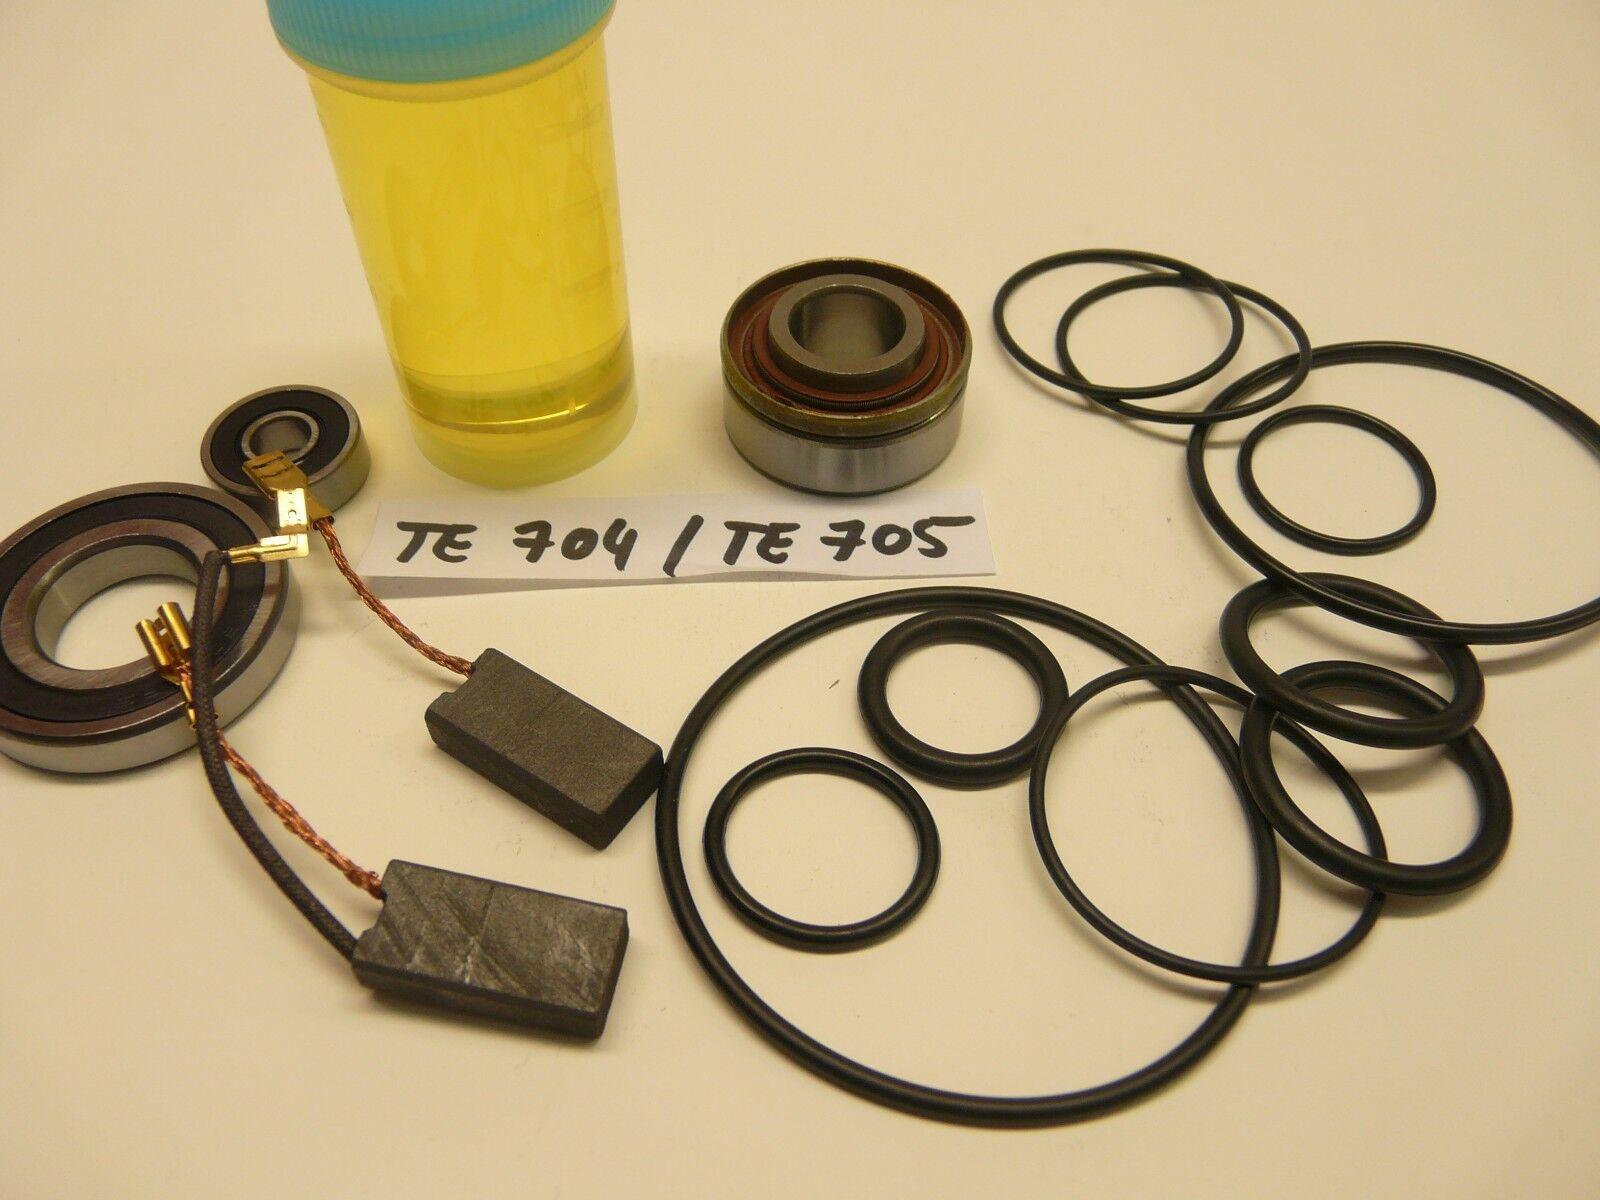 Hilti TE 704   TE 705,  Reparatursatz, Verschleissteilesatz + Spezial Lager